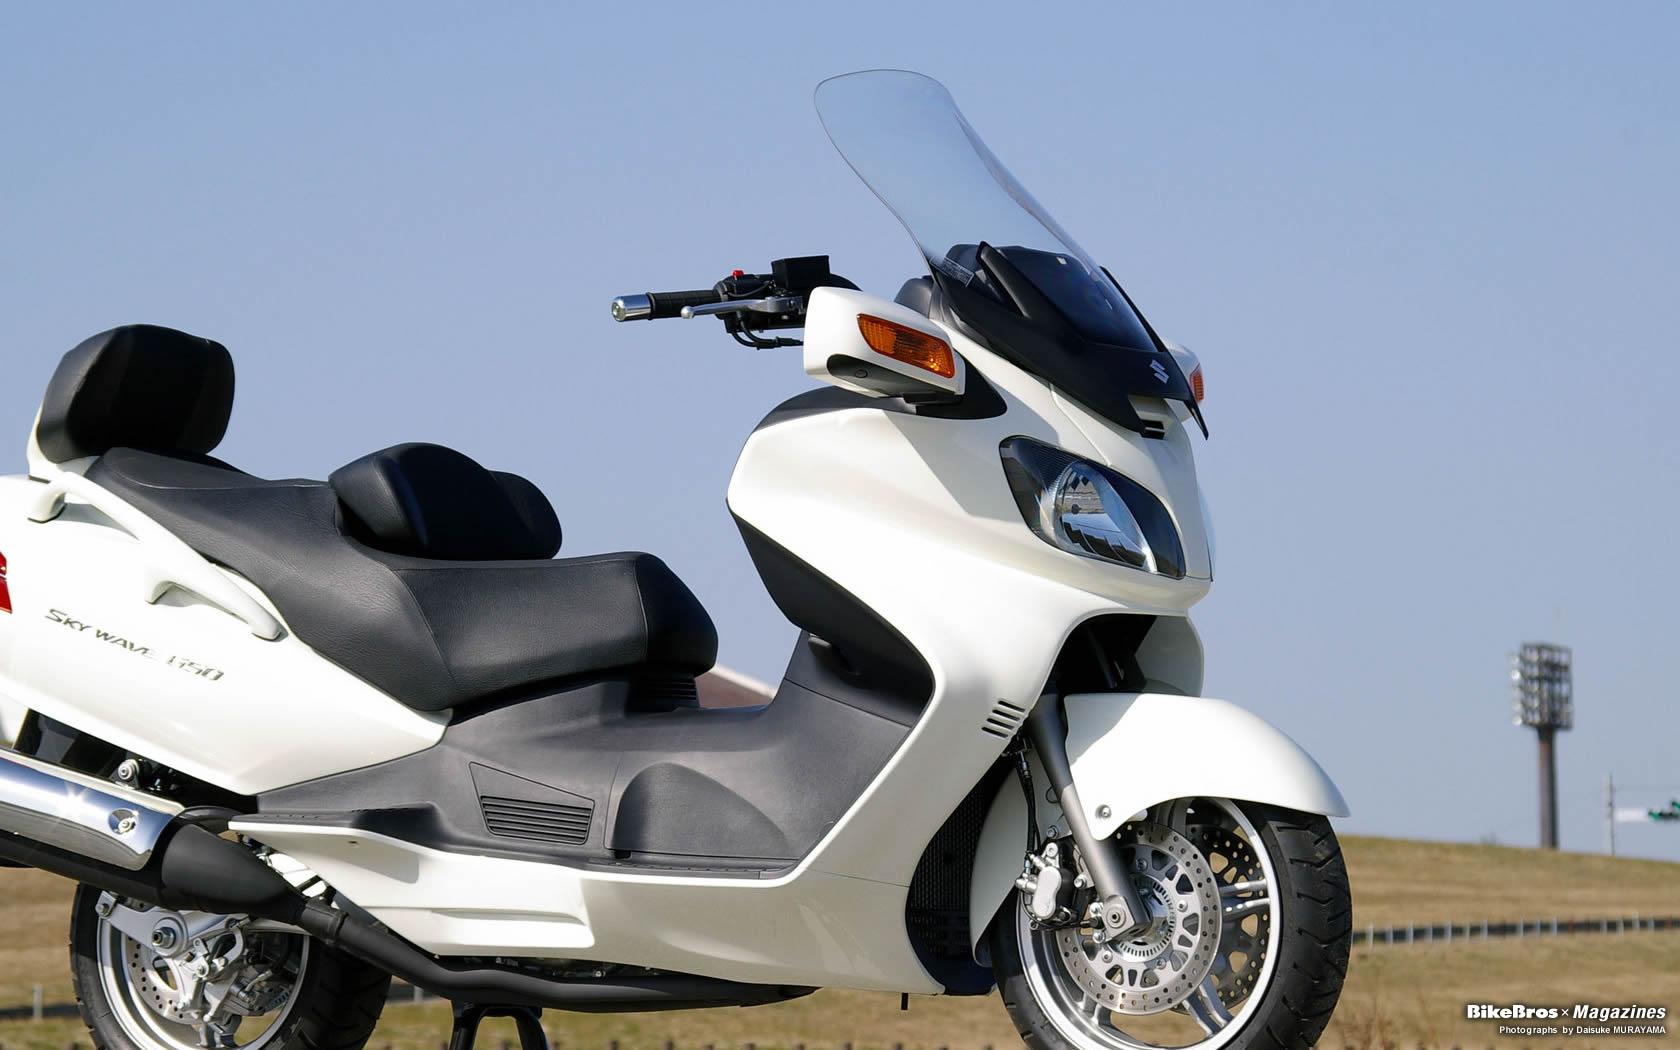 スズキ Skywave650lx バイク壁紙集 ビッグスクーターならバイクブロス